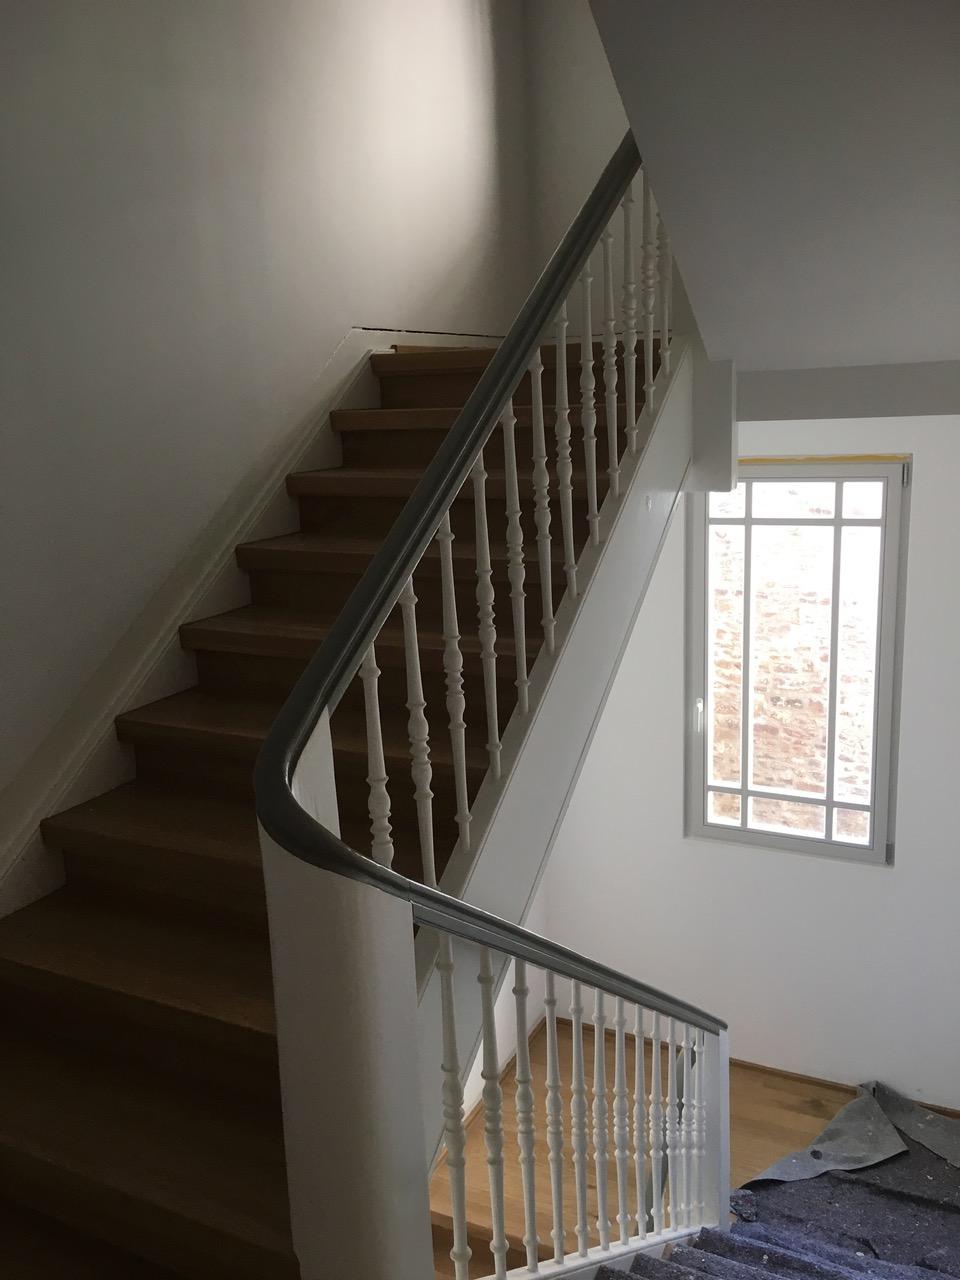 Treppenhaussanierung Altbau sanierung eines treppenhauses im altbau malermeisterbetrieb timo blender